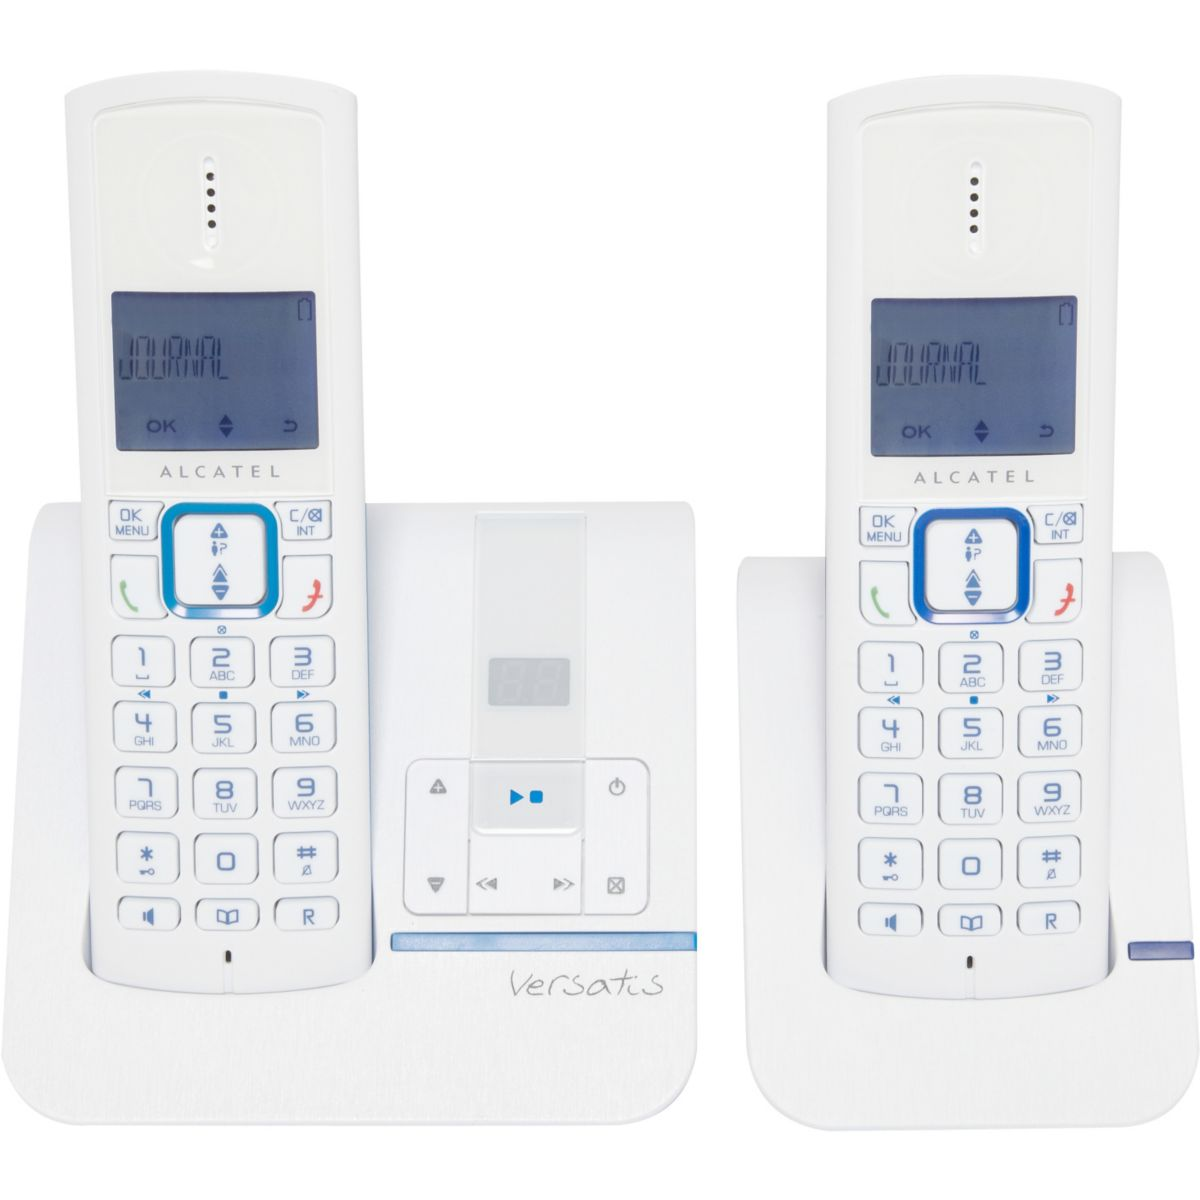 Téléphone répondeur sans fil duo alcatel f230 voice bleu - 3% de remise immédiate avec le code : multi3 (photo)